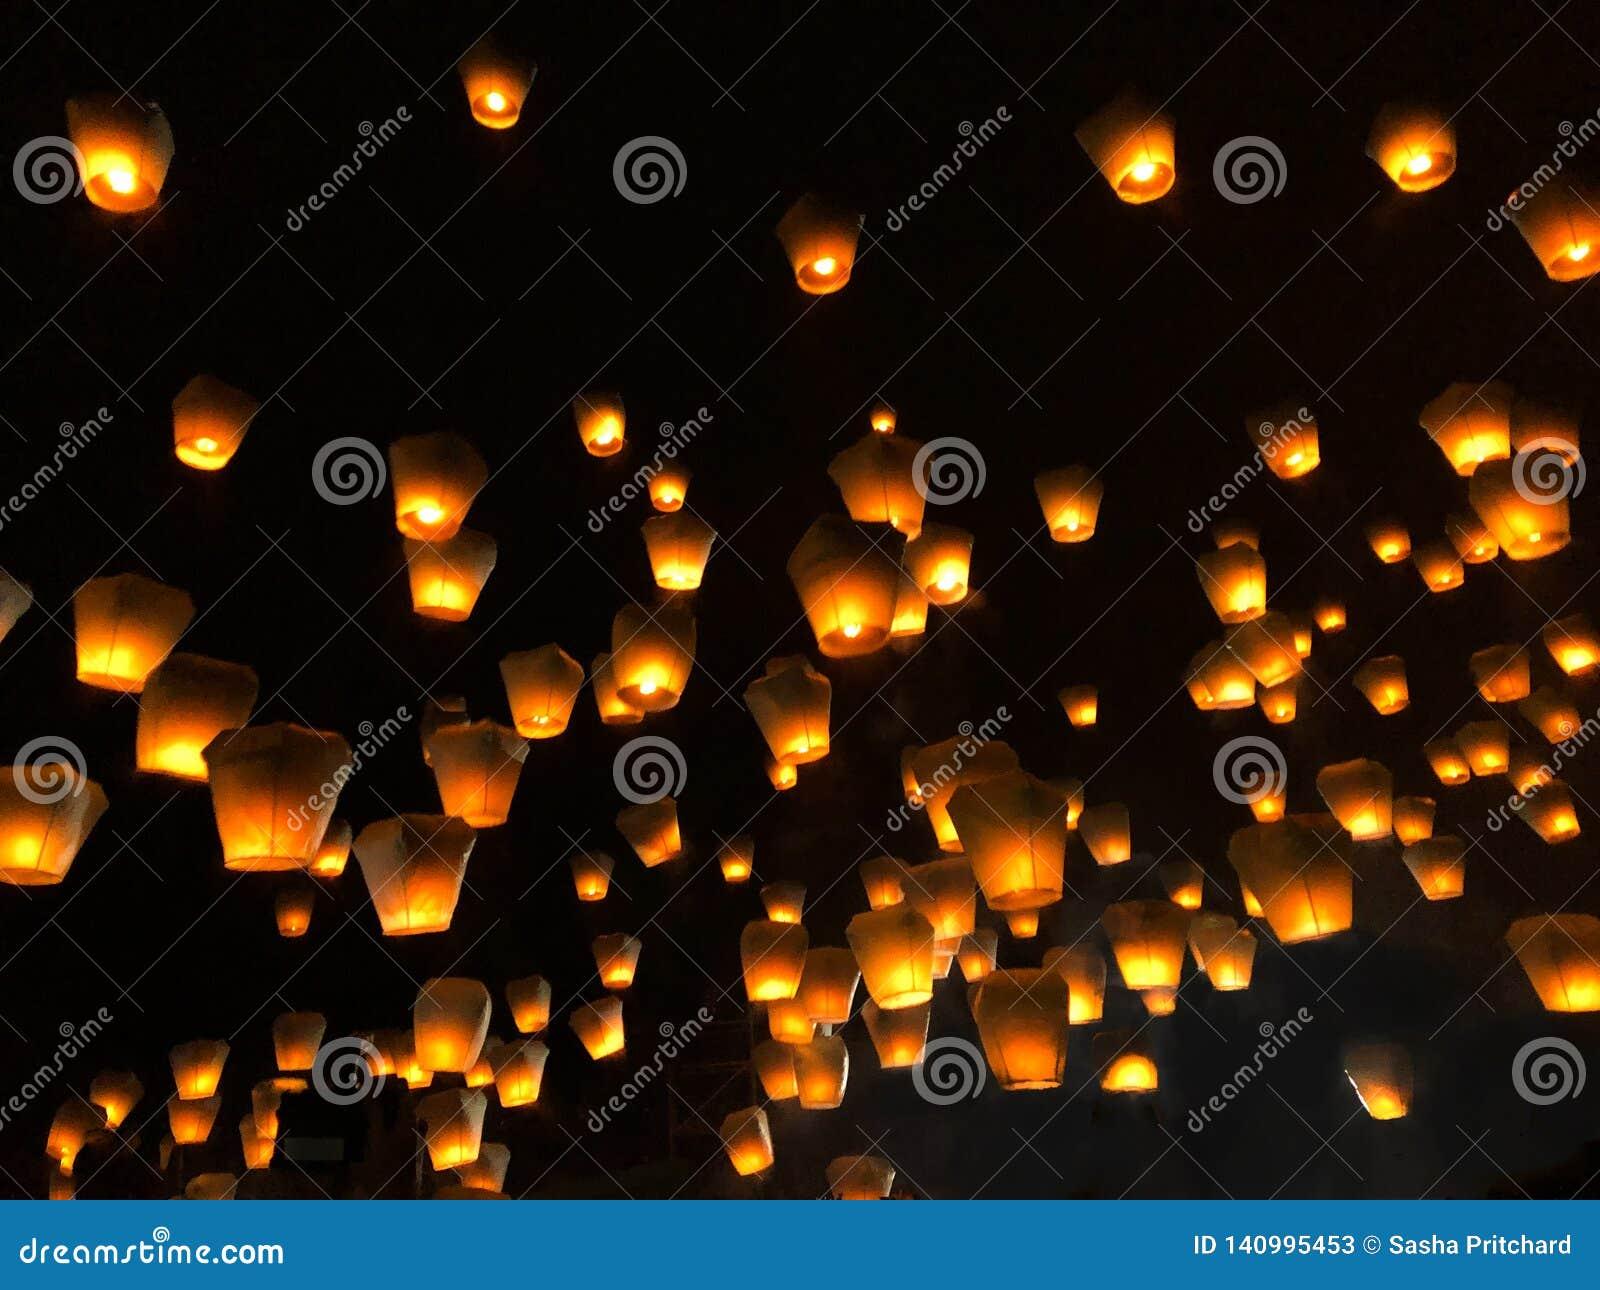 Linternas chinas durante el festival de linterna